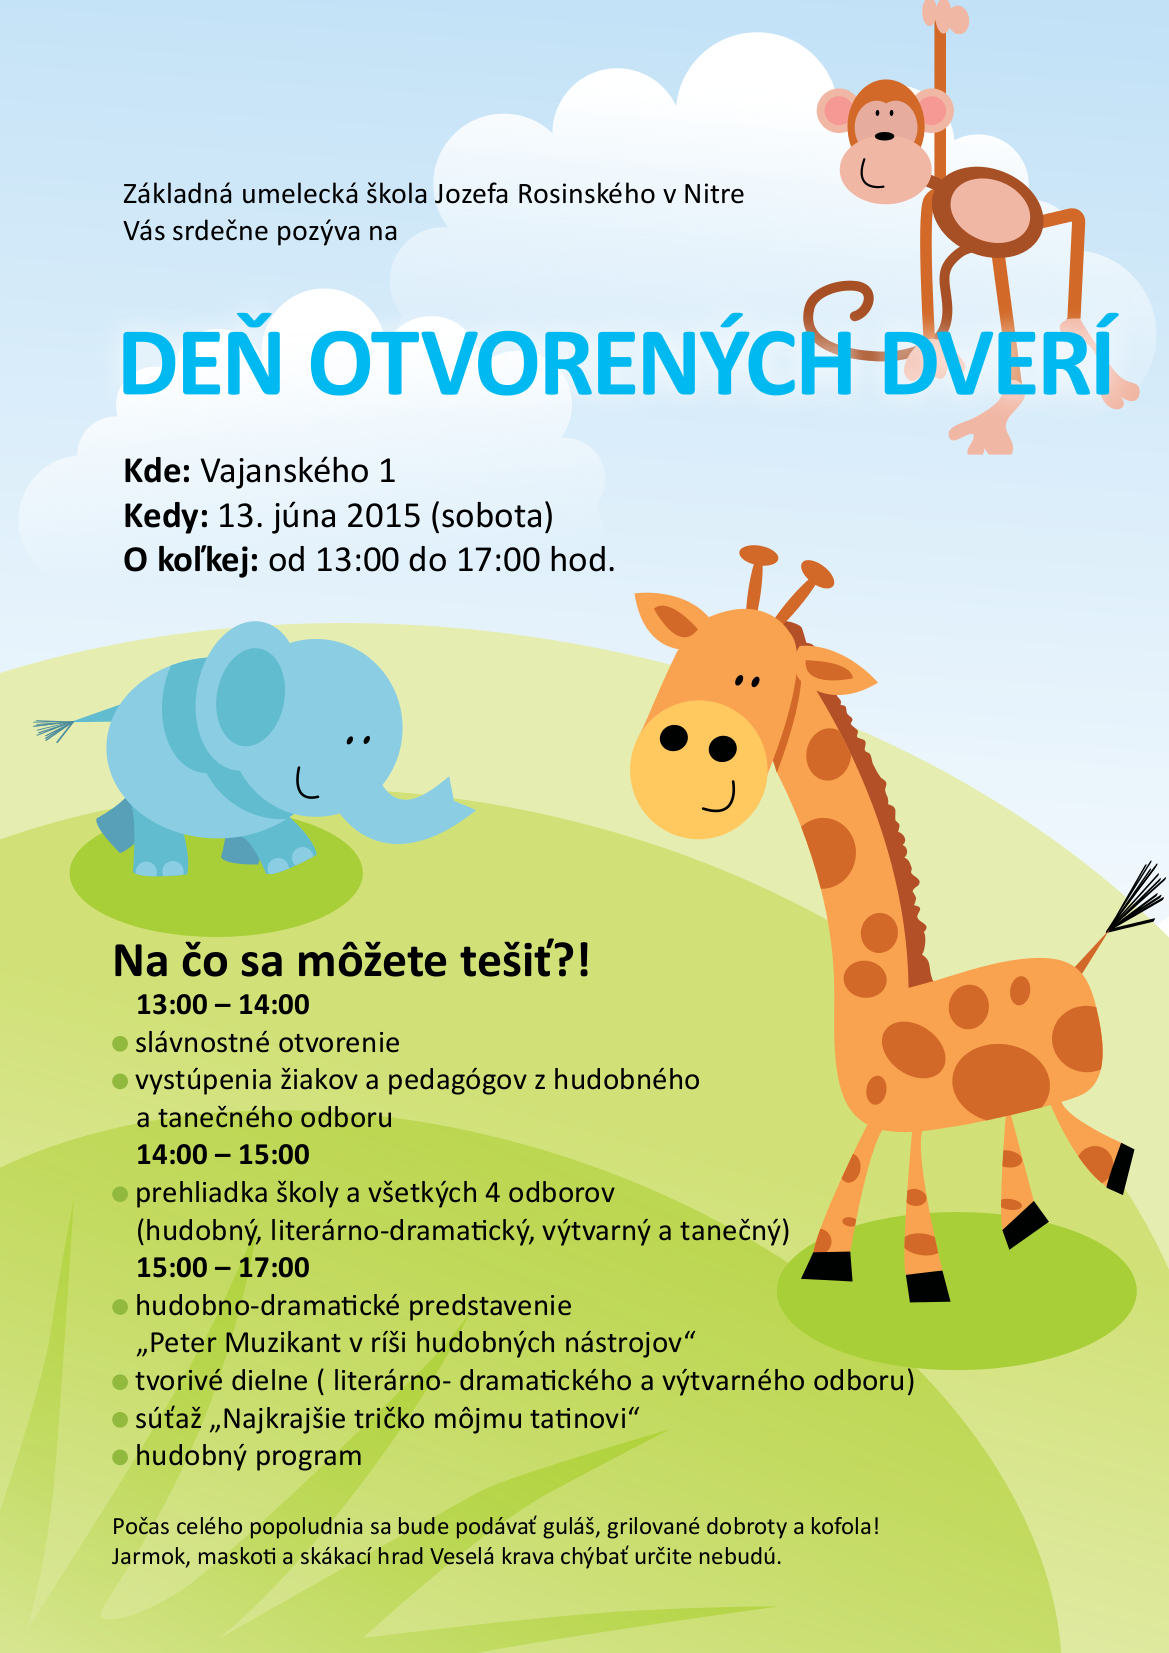 Deň otvorených dverí na ZUŠ J. Rosinského v Nit - Kariéra  02882573531